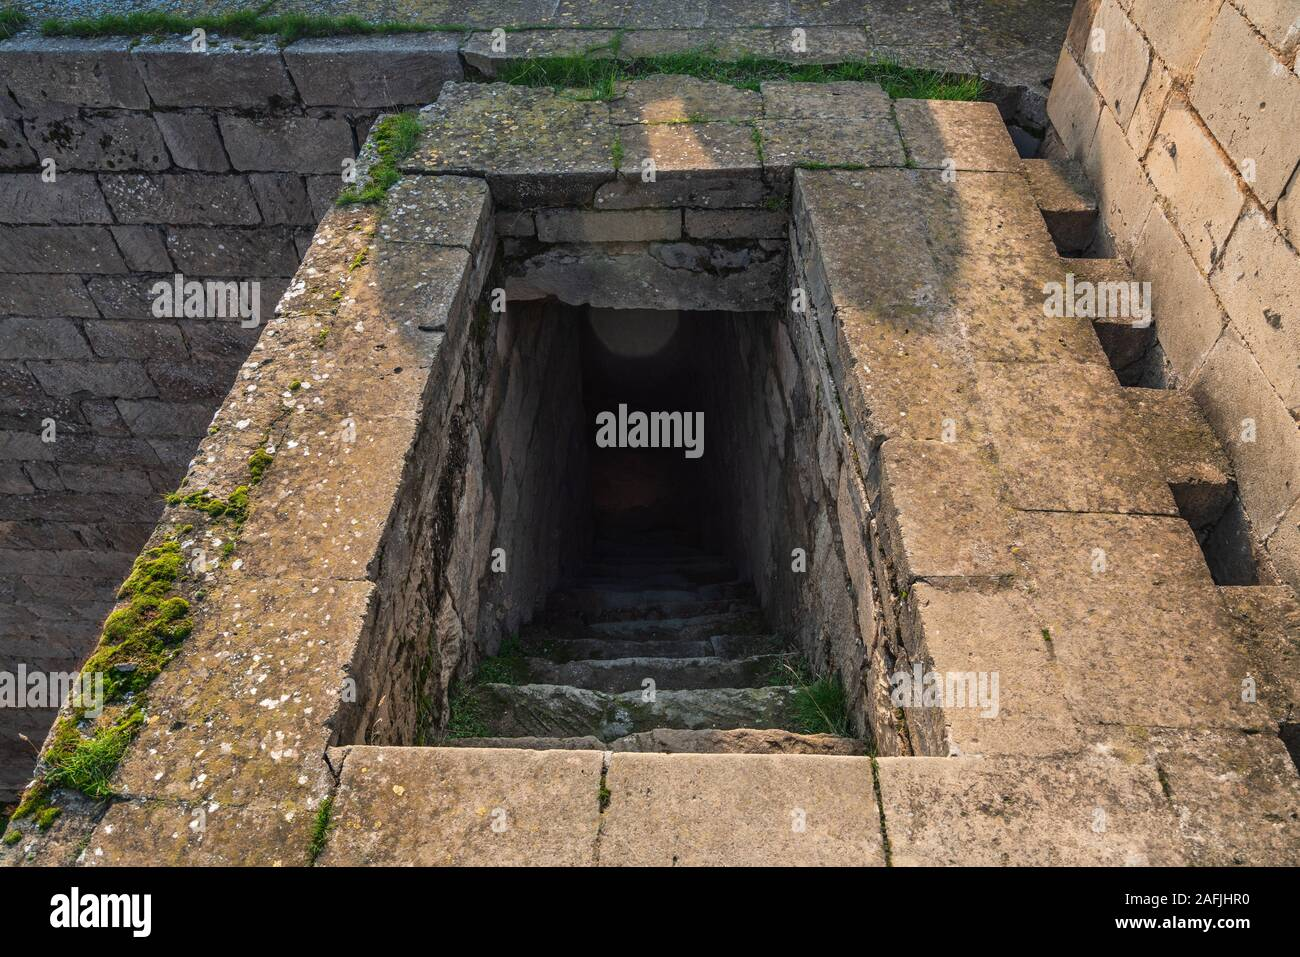 Salir desde el sótano de piedra oscura Foto de stock